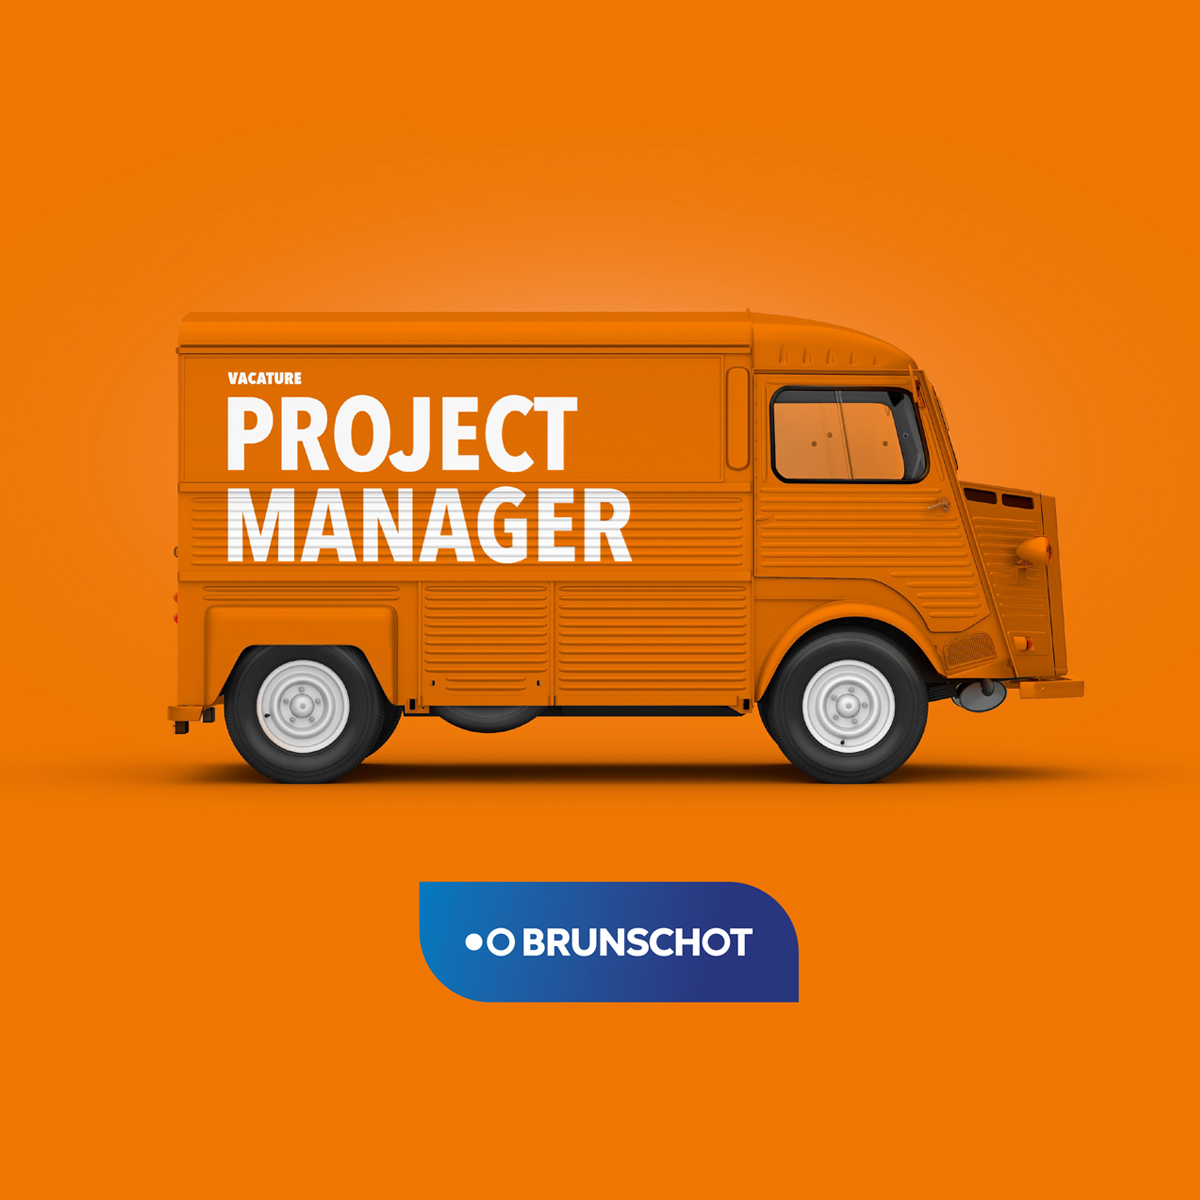 Campagnebeeld Brunschot vacature